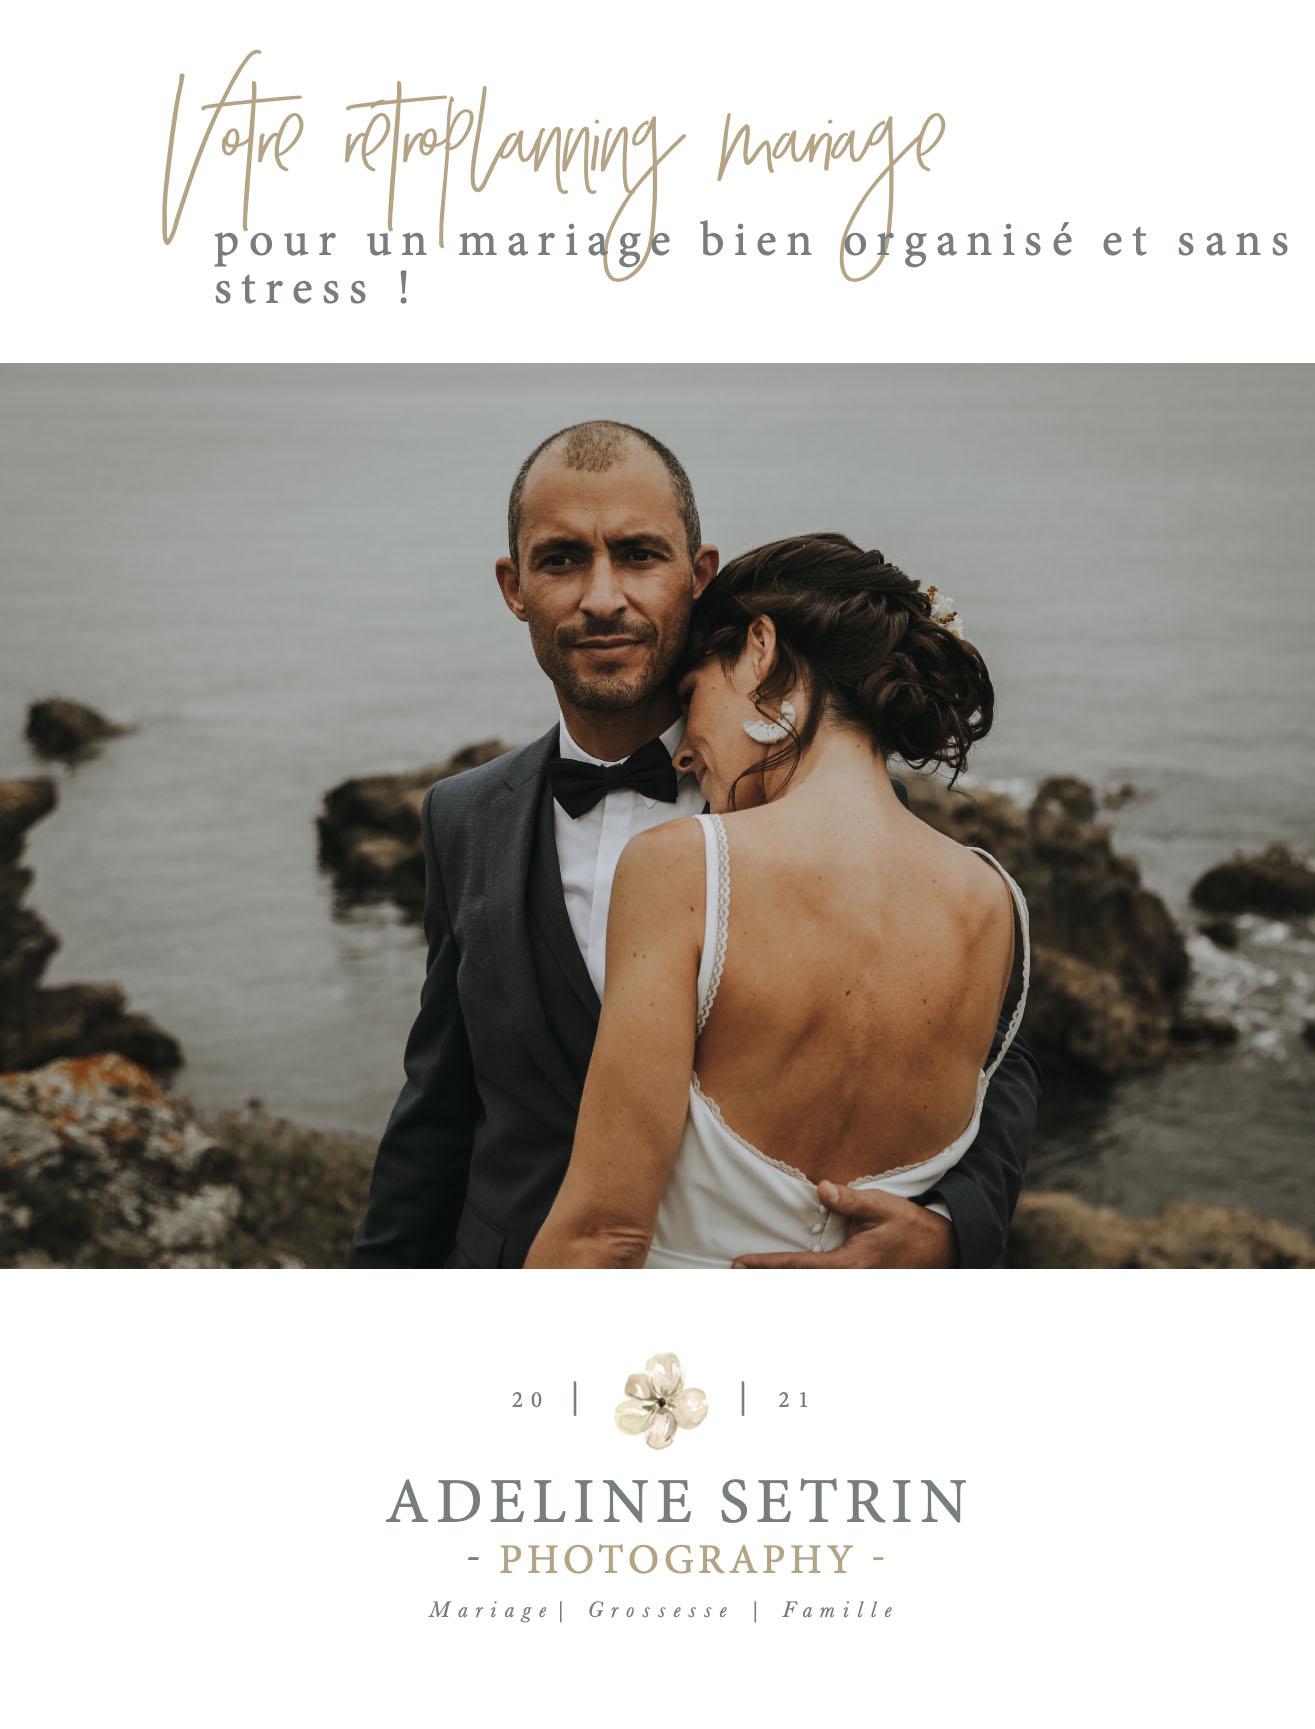 Votre-étroplanning-mariage-gratuit-pour-un-mariage-bien-organisé-et-sans-stress-!